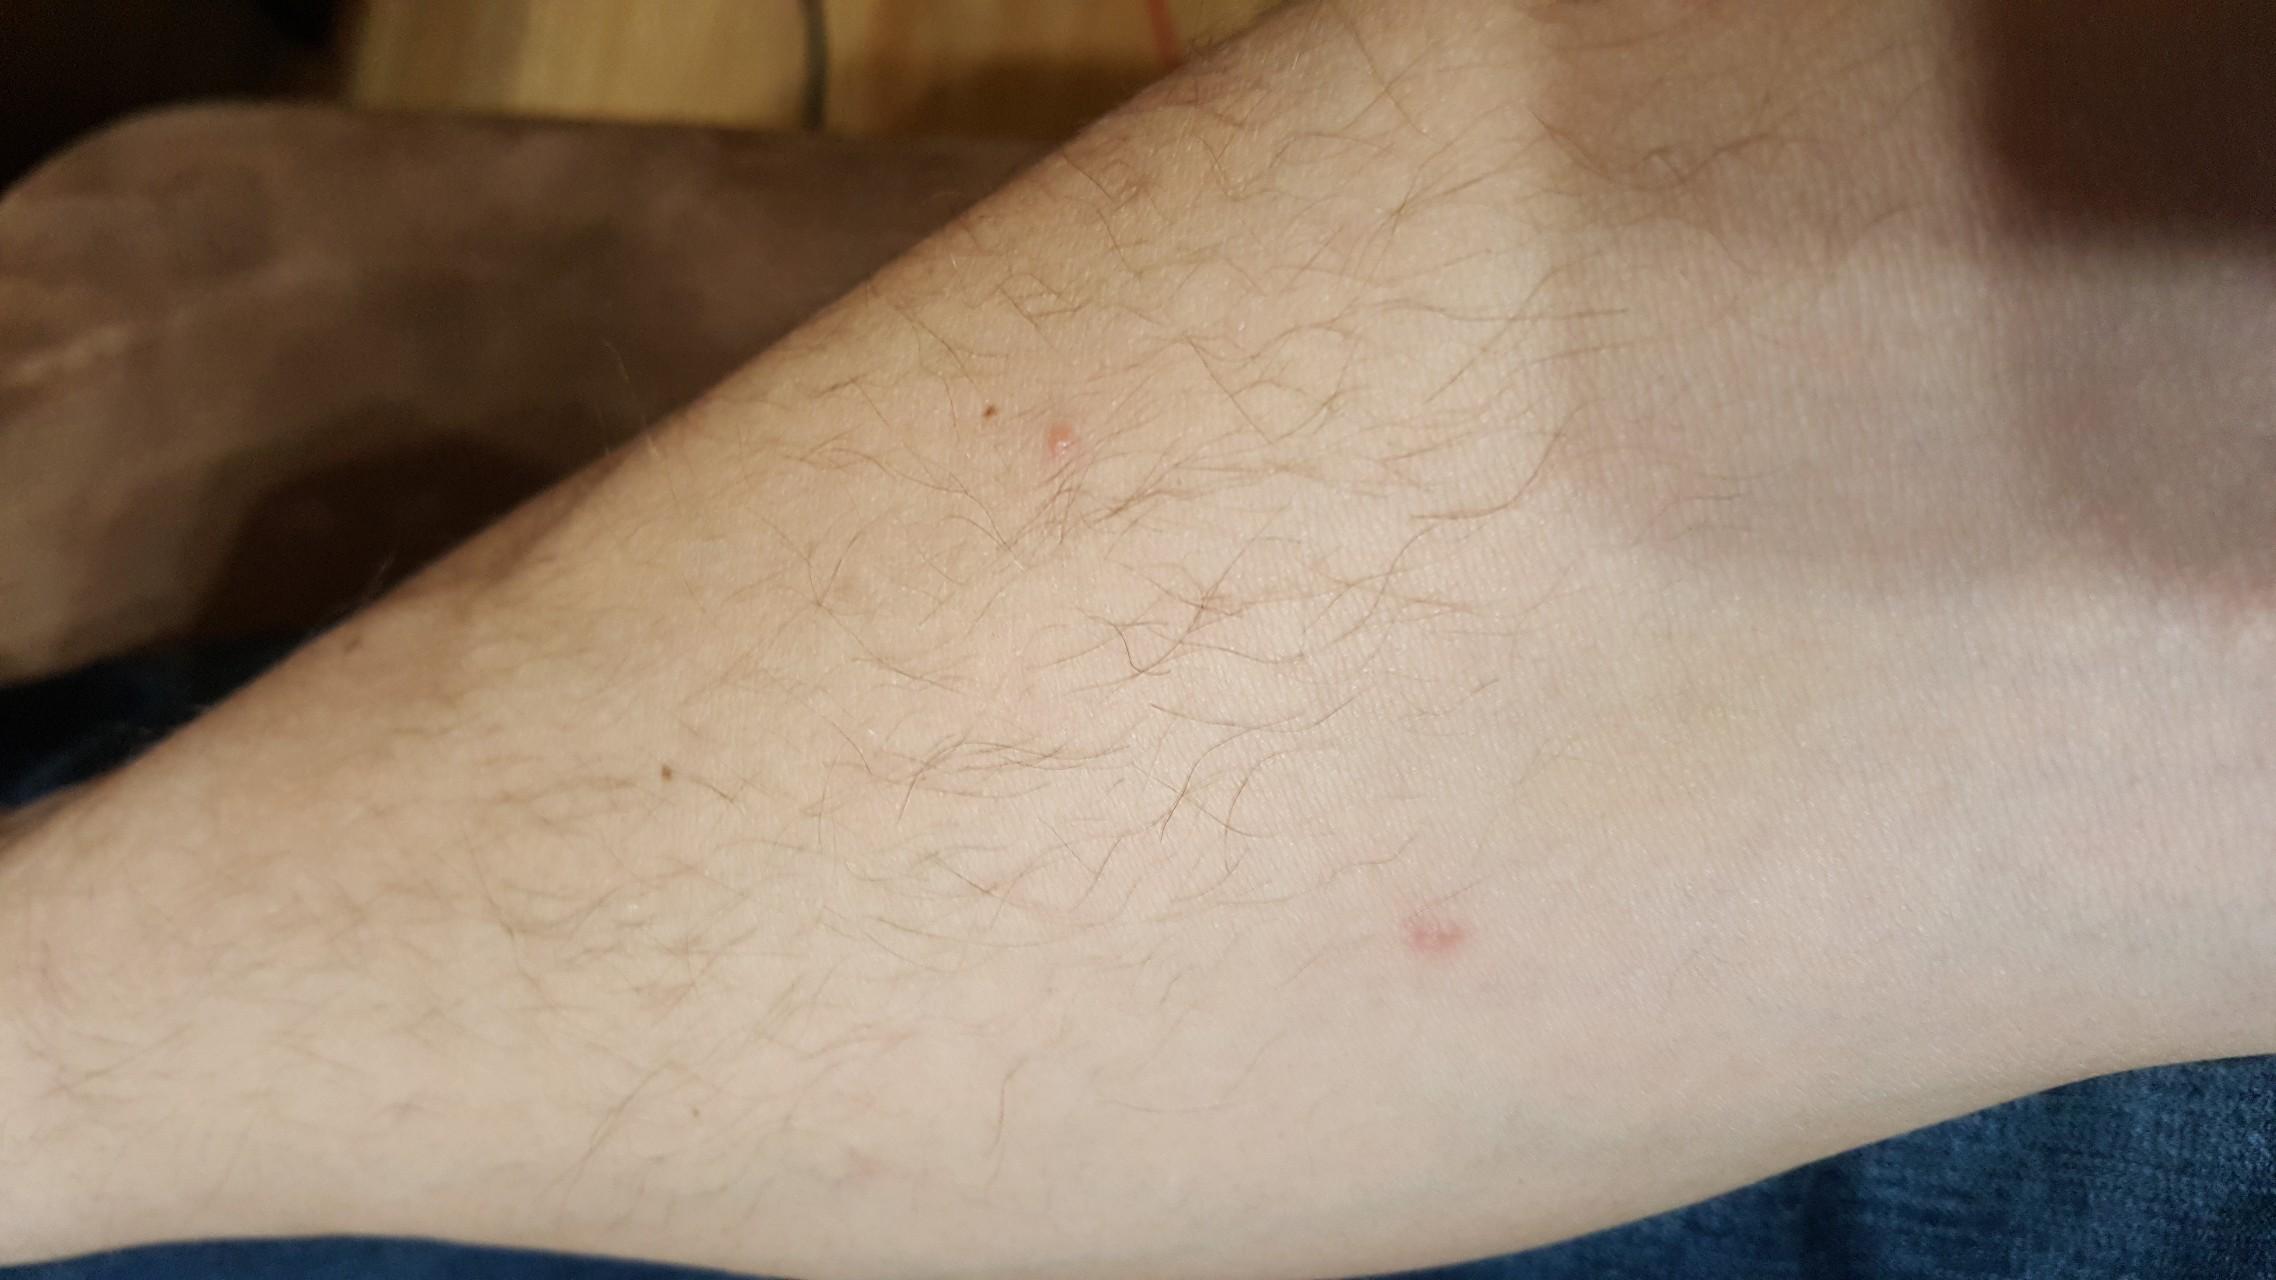 аллергия сыпь на теле фото